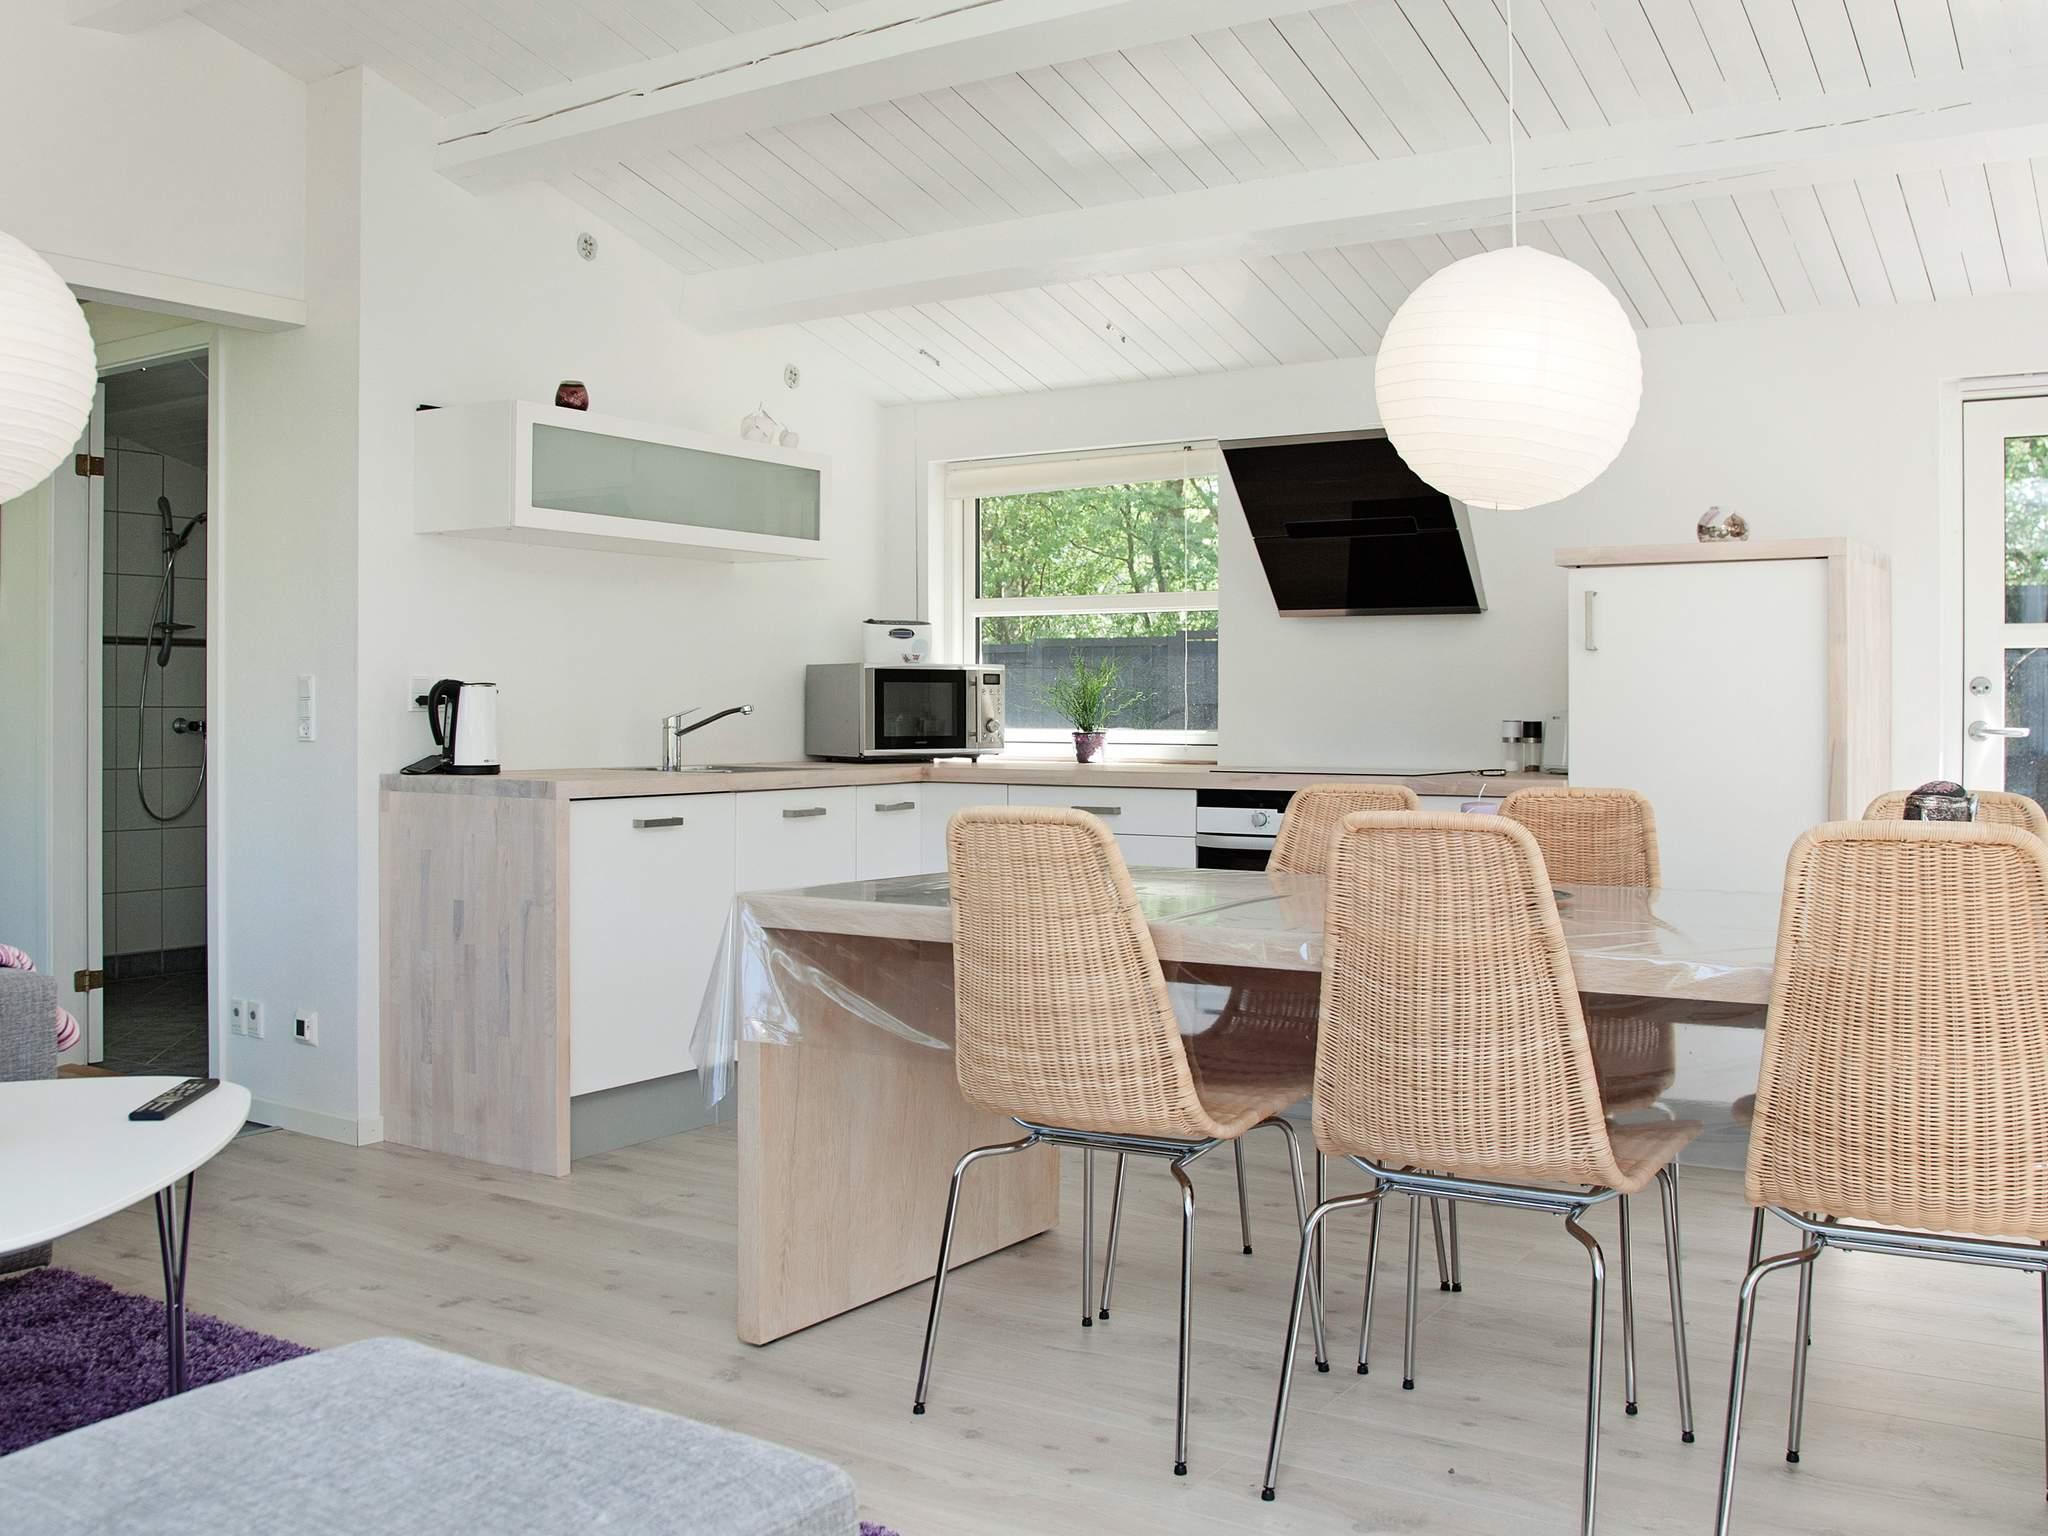 Ferienhaus Røsnæs/Vollerup (978617), Kalundborg, , Westseeland, Dänemark, Bild 4